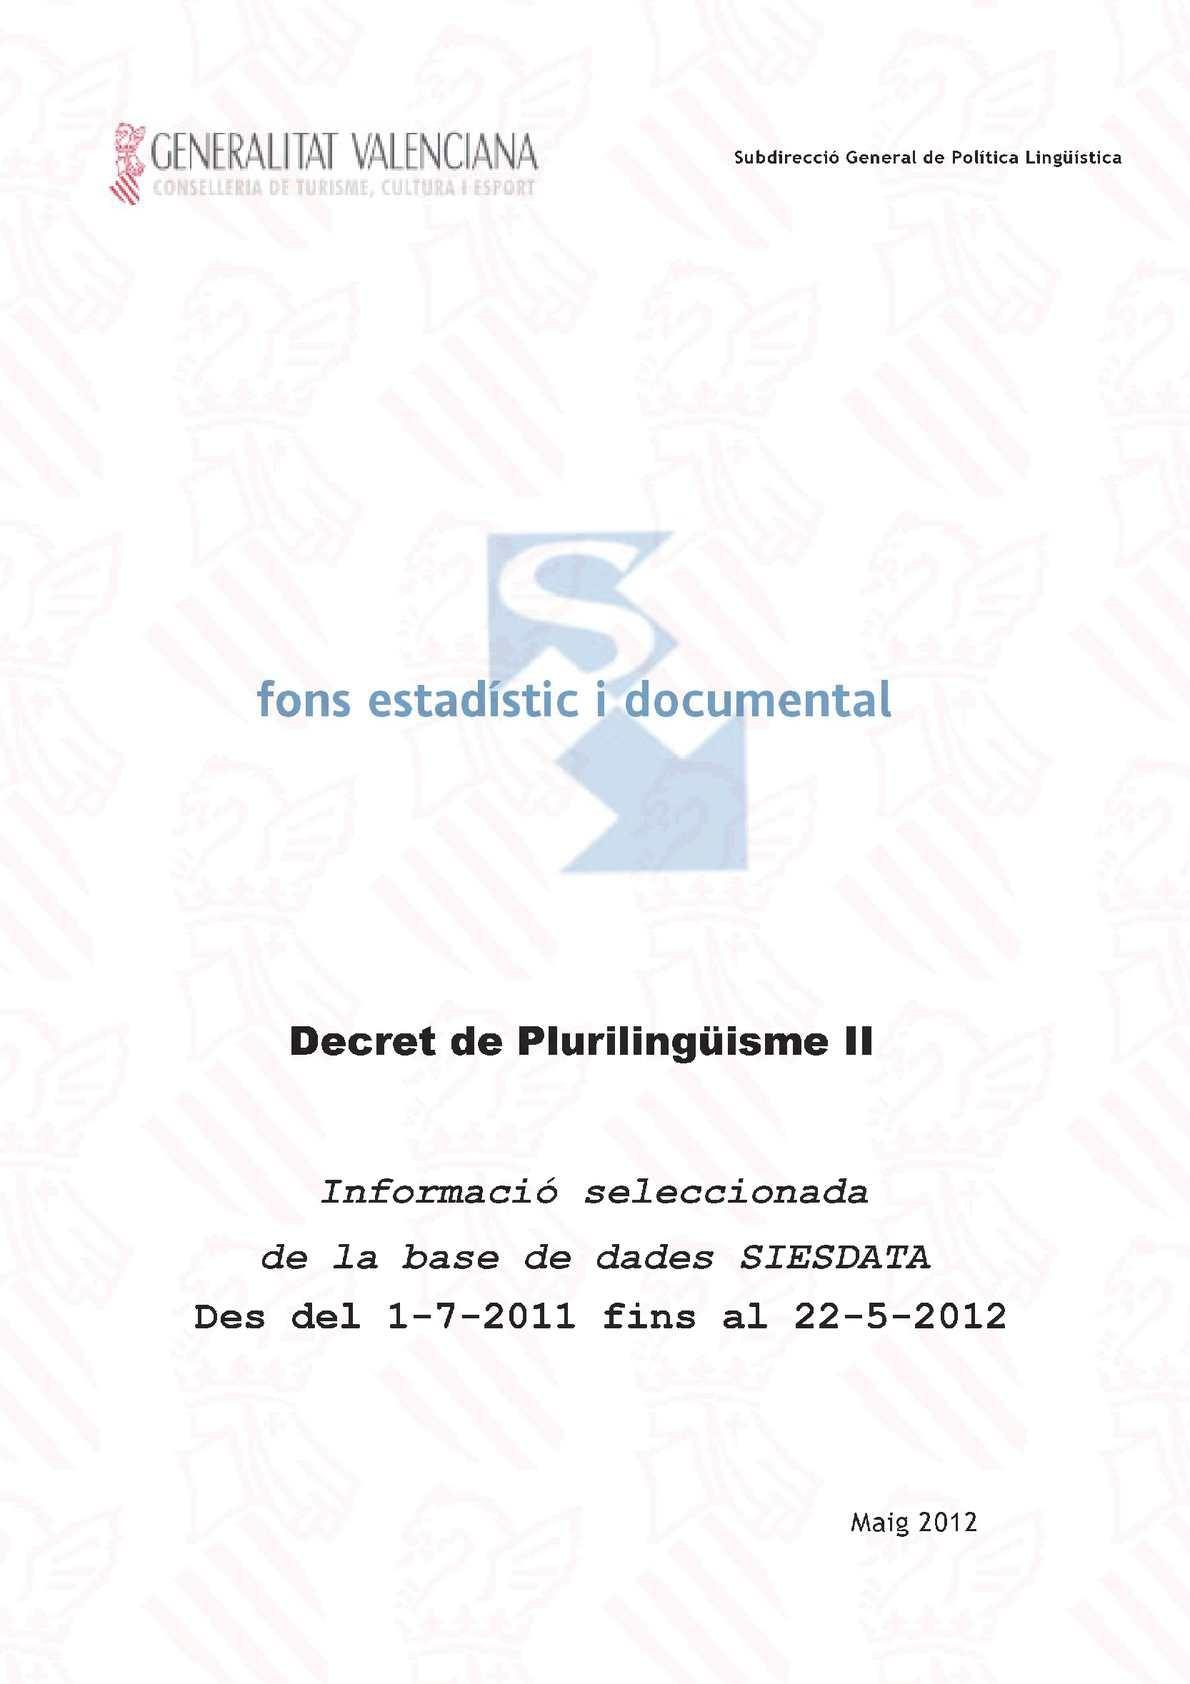 Calendario 2020 Generalitat De Catalunya Más Recientes Calaméo Decret De Plurilingüisme Ii Of Calendario 2020 Generalitat De Catalunya Más Recientemente Liberado Mrw Falset